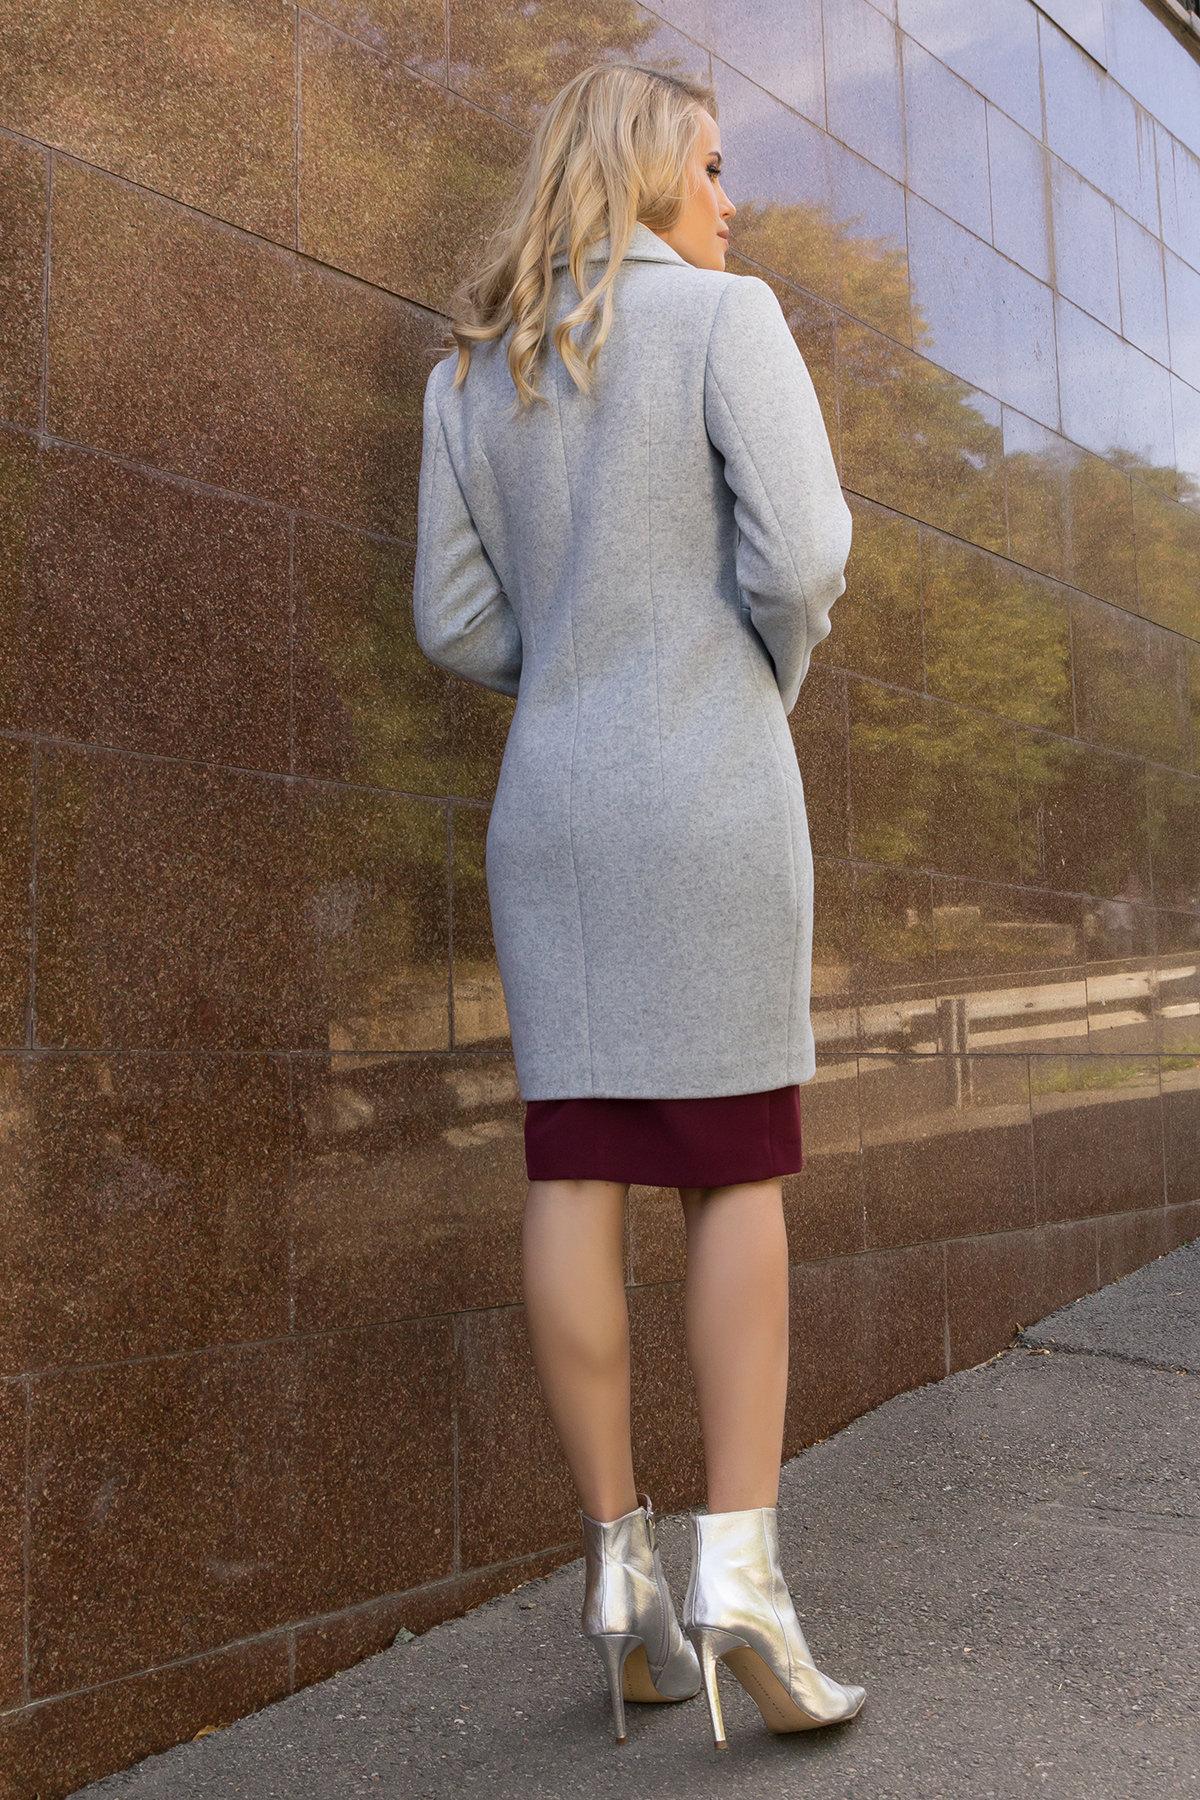 Демисезонное пальто с поясом Камила 7964 АРТ. 43920 Цвет: Серый Светлый 33 - фото 3, интернет магазин tm-modus.ru